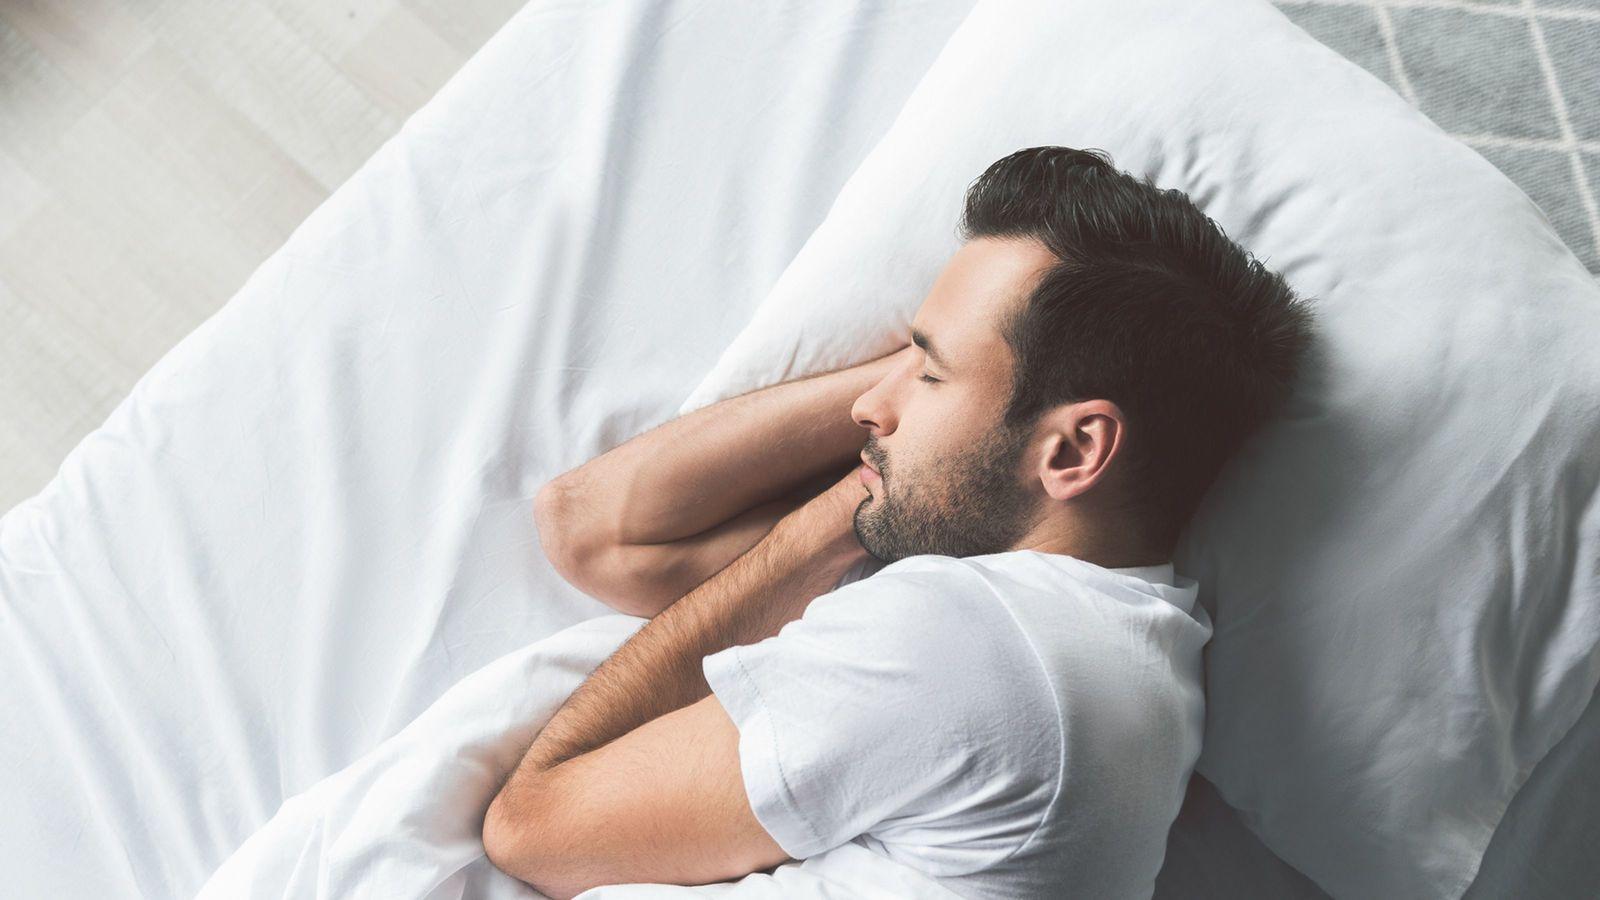 認知症引き金物質除去する睡眠「黄金の90分」 スタンフォード流最高の睡眠実践法